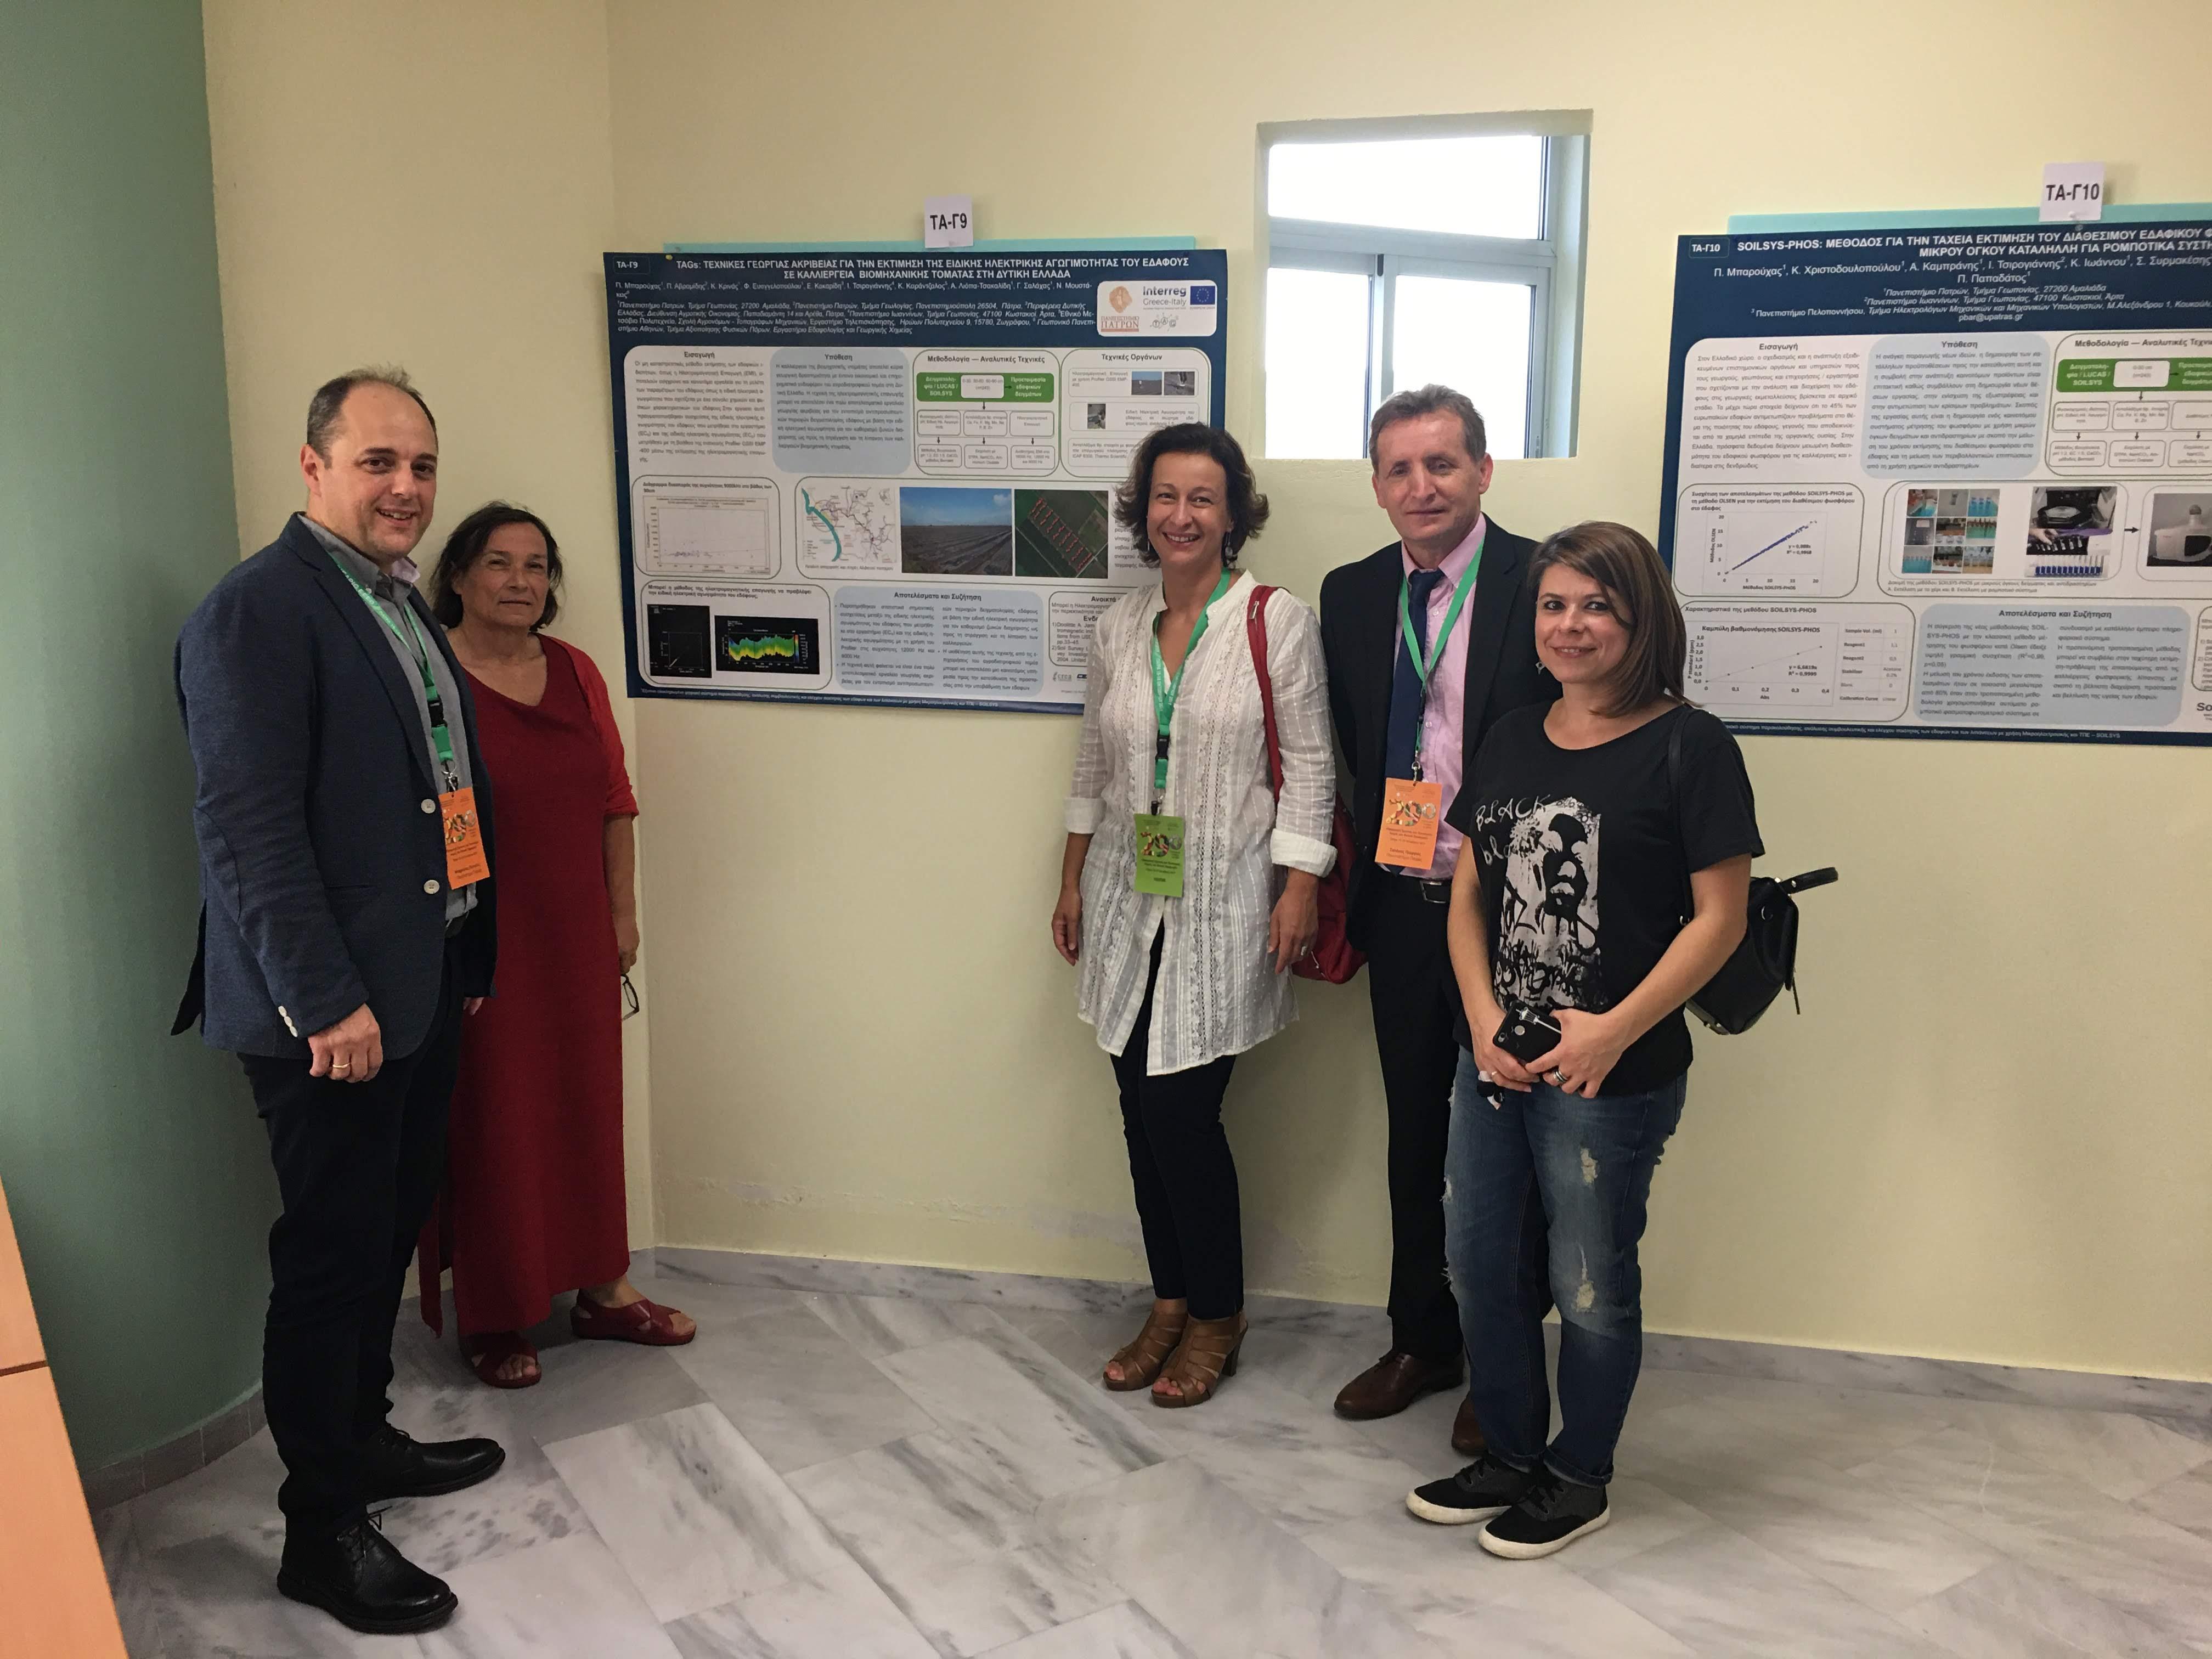 Περιφέρεια Δυτικής Ελλάδας και Πανεπιστήμιο Πατρών: Τα πρώτα αποτελέσματα του έργου TAGs στο 29ο Συνέδριο της Ελληνικής Εταιρείας Επιστήμης των Οπωροκηπευτικών